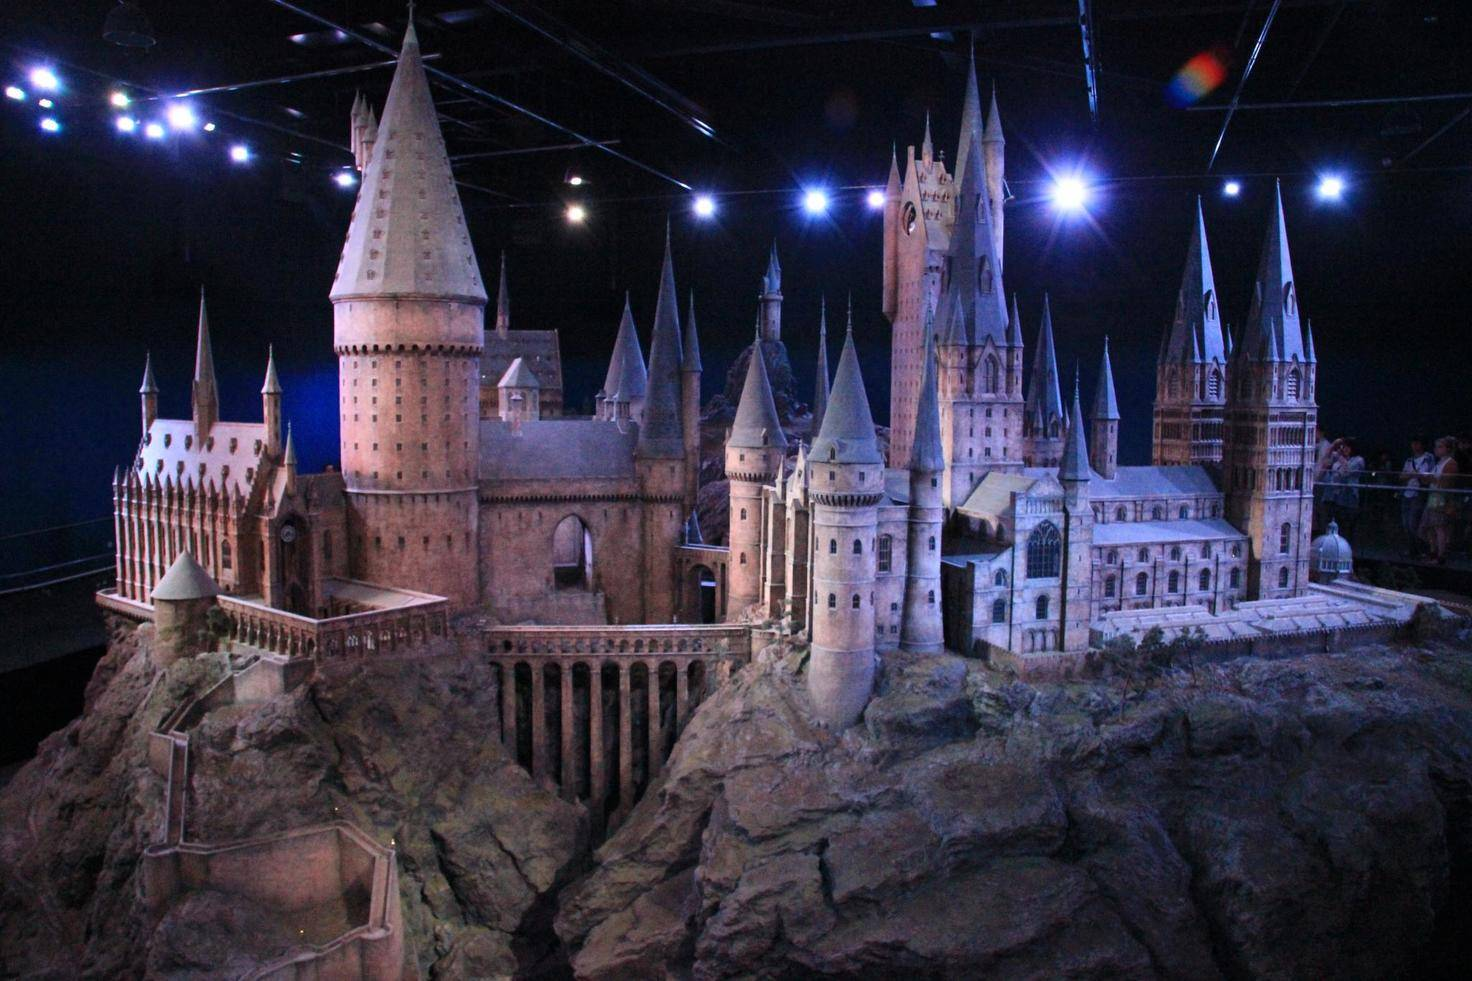 Das detaillierte Hogwarts-Modell ist eines der Highlights der Warner Bros. Studio Tour.